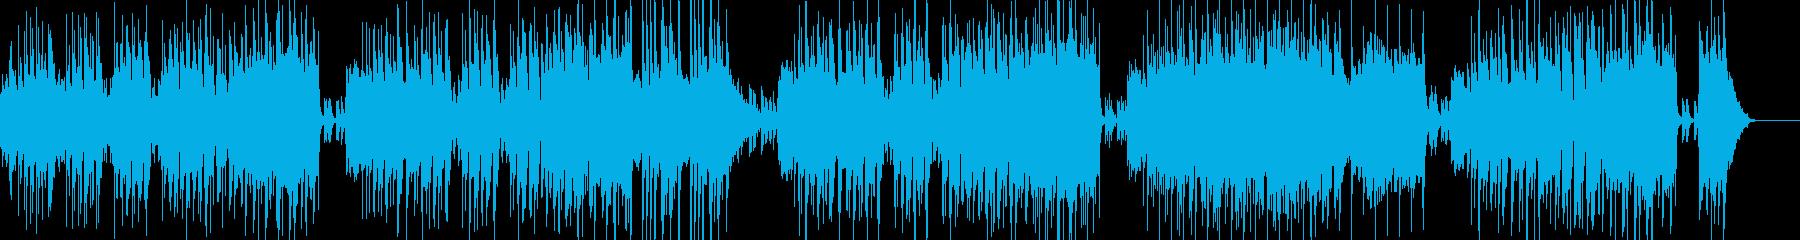 酔いしれるムードを演出 ドラム有Dの再生済みの波形